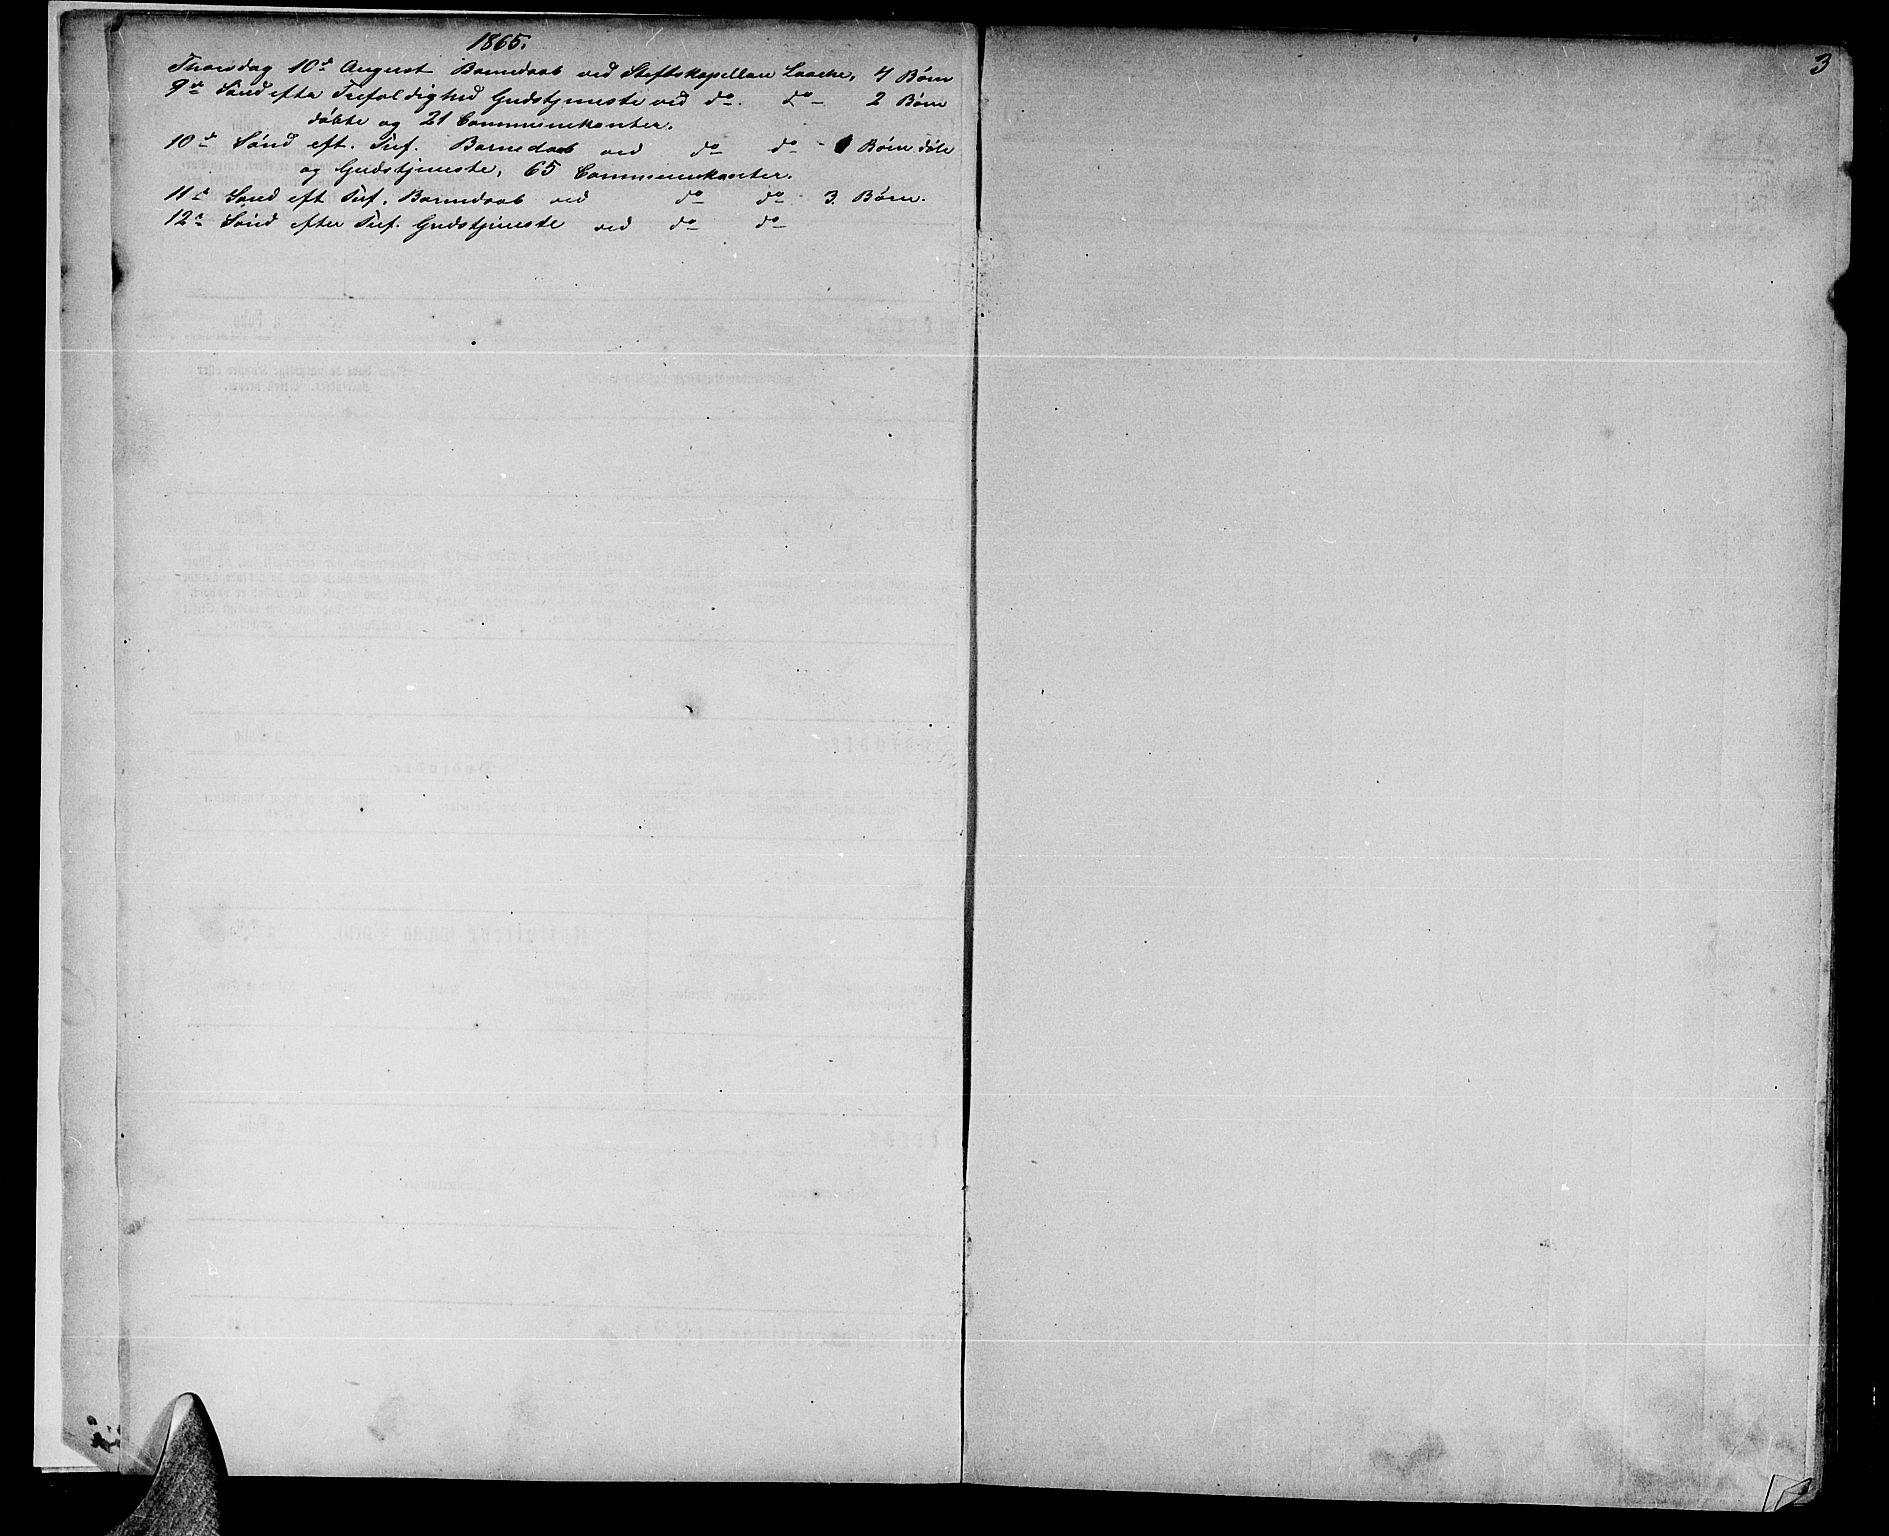 SAT, Ministerialprotokoller, klokkerbøker og fødselsregistre - Nord-Trøndelag, 739/L0373: Klokkerbok nr. 739C01, 1865-1882, s. 3